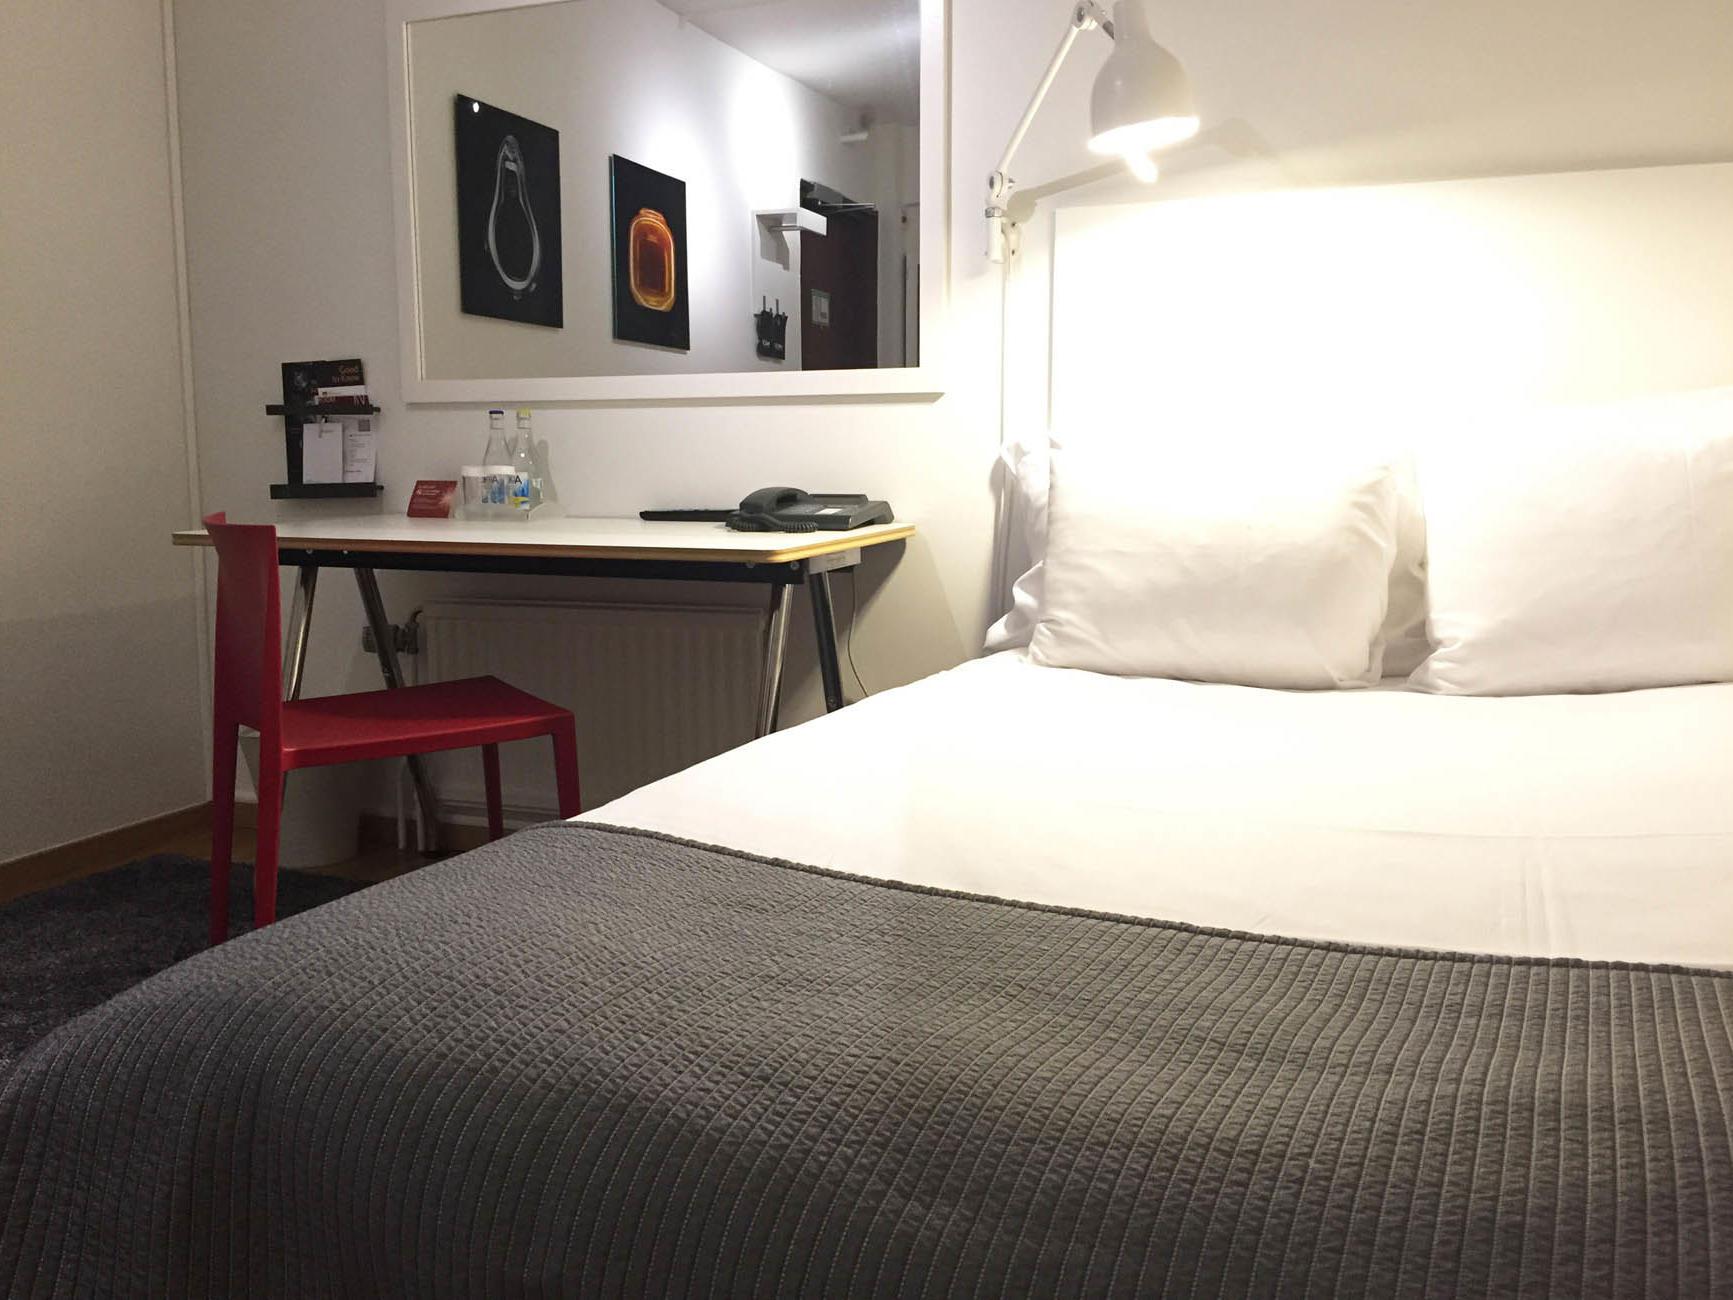 Cabin Room at Hotel Birger Jarl in Stockholm, Sweden